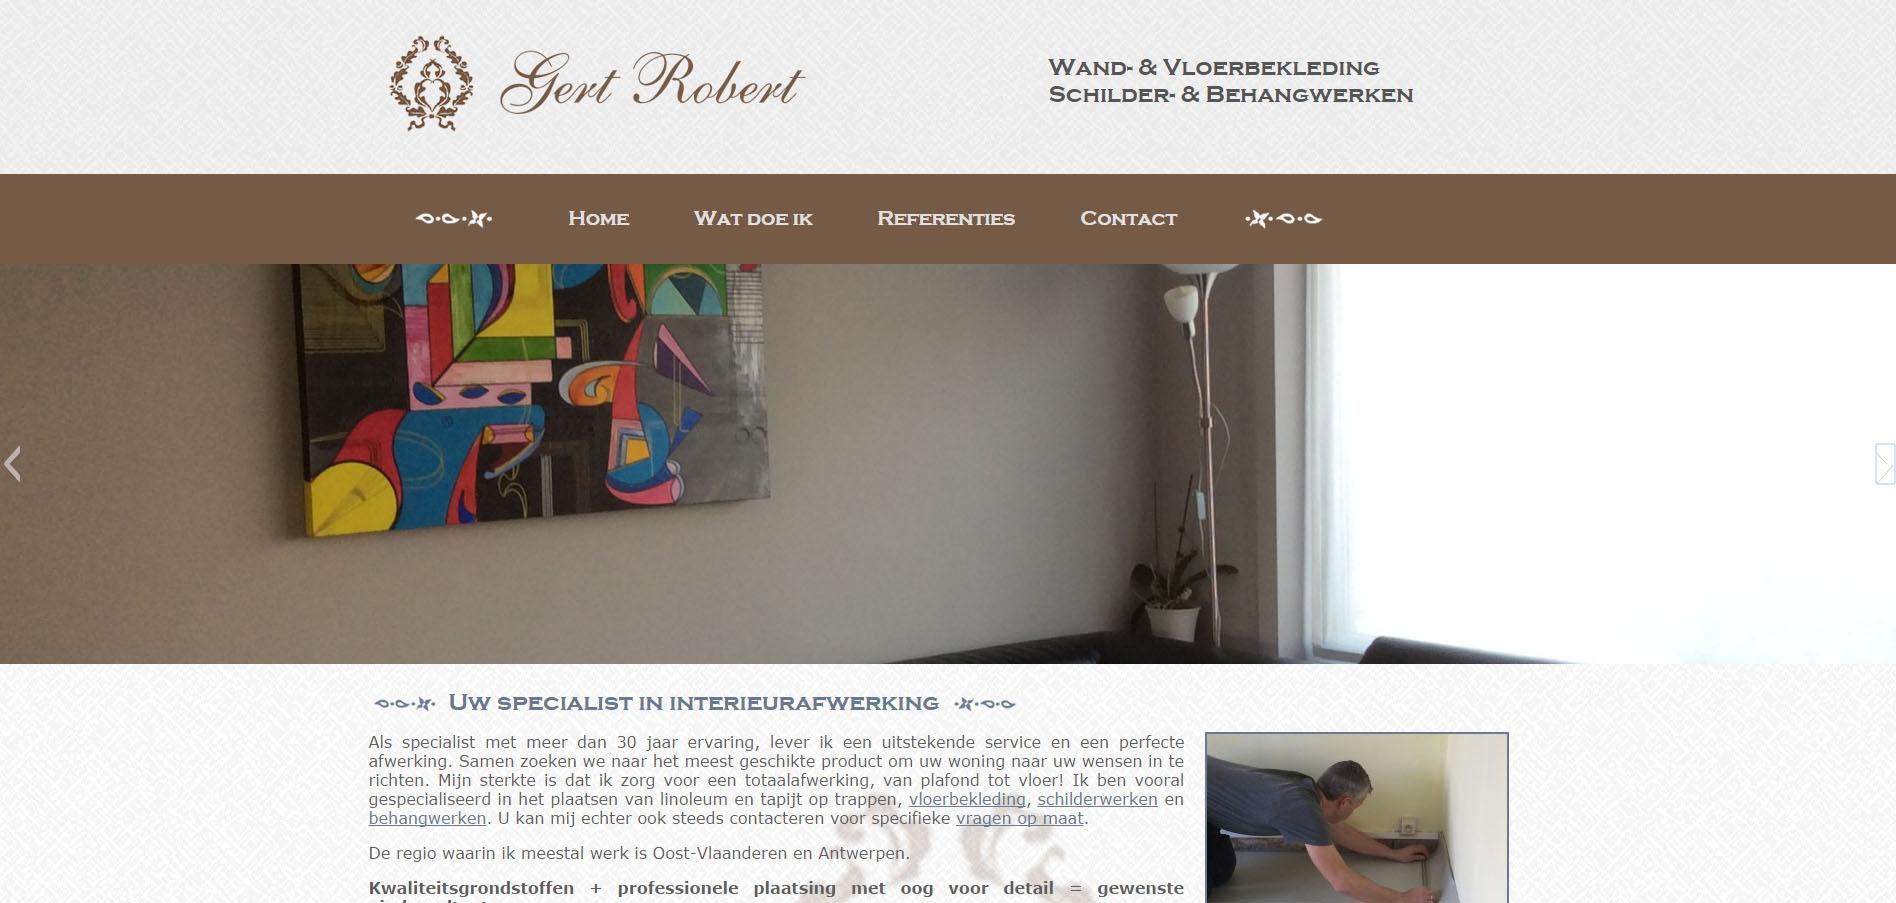 gert-robert